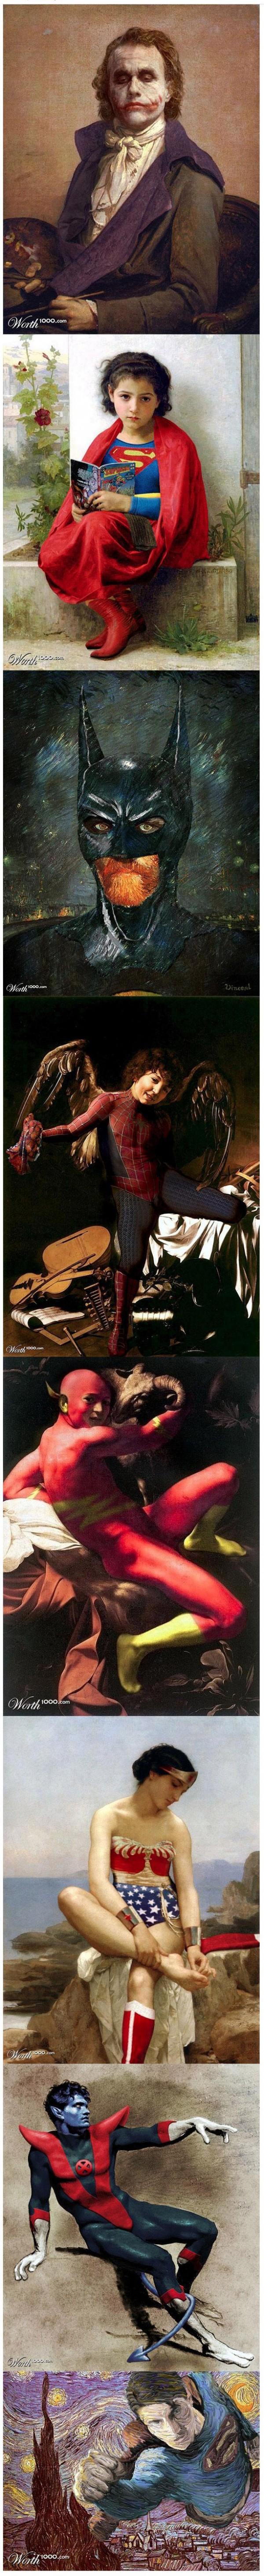 Superhéroes en cuadros famosos